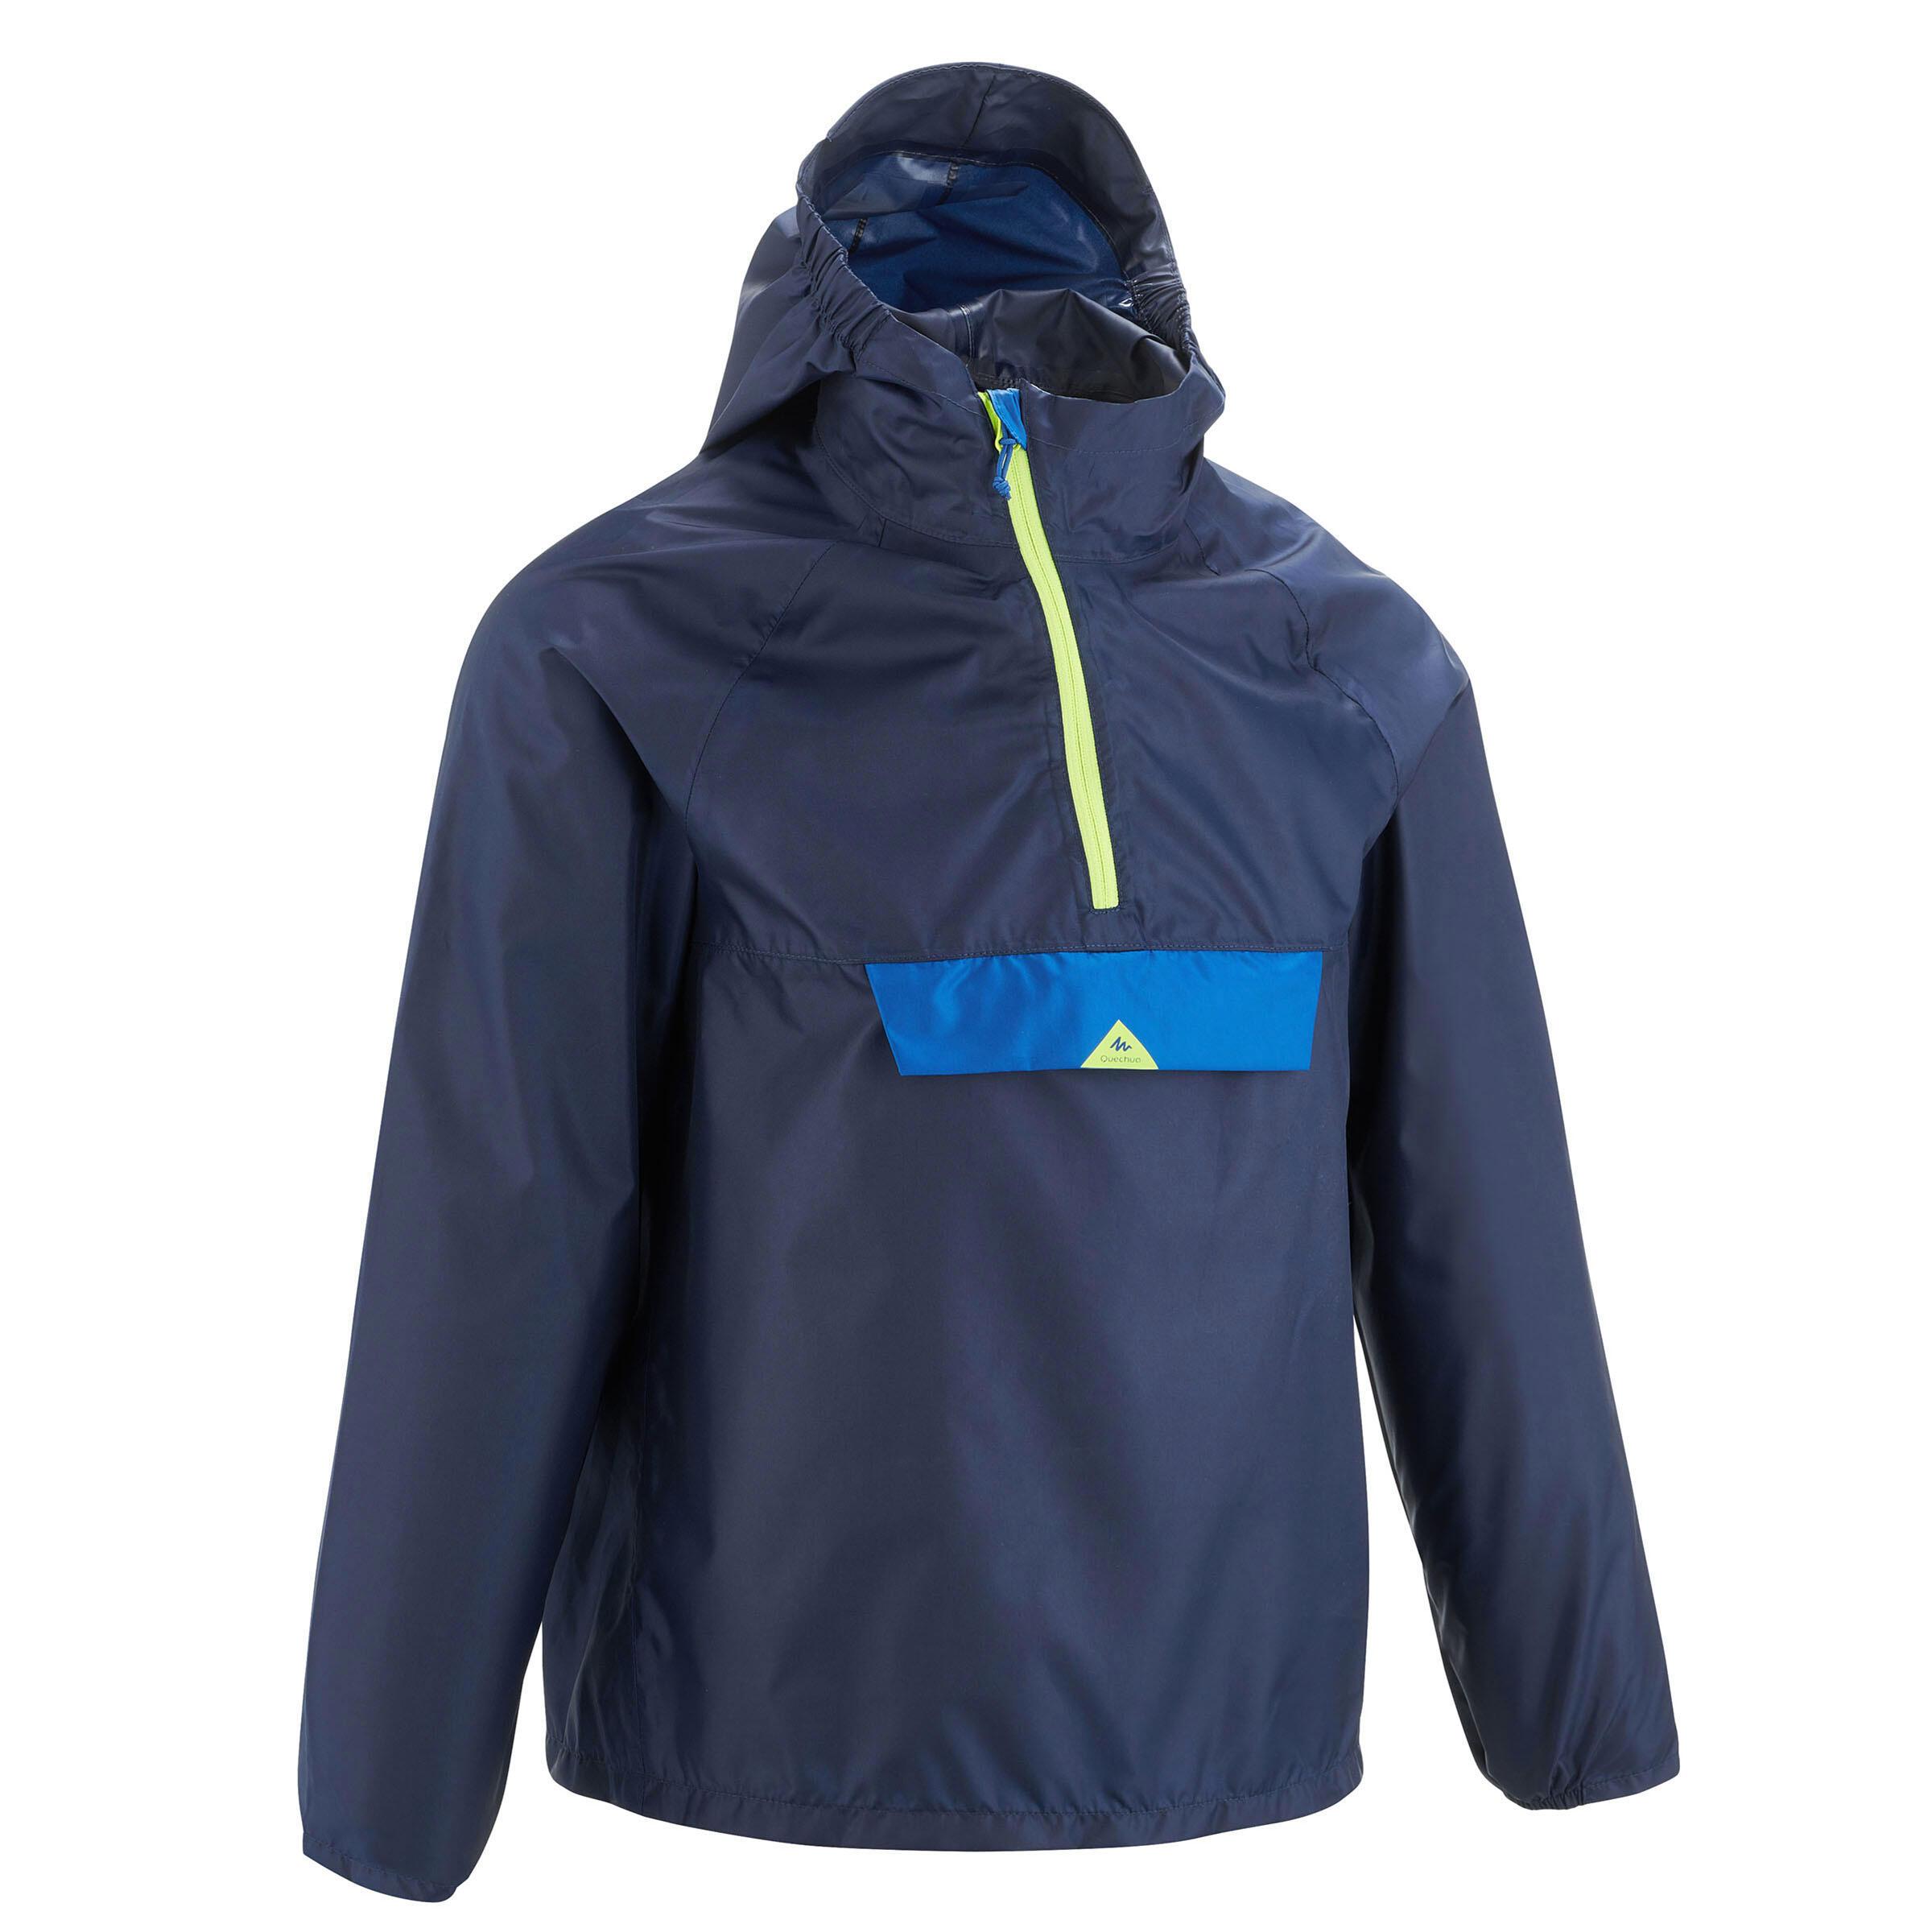 Veste imperméable enfant de randonnée mh100 bleue marine quechua chez Decathlon